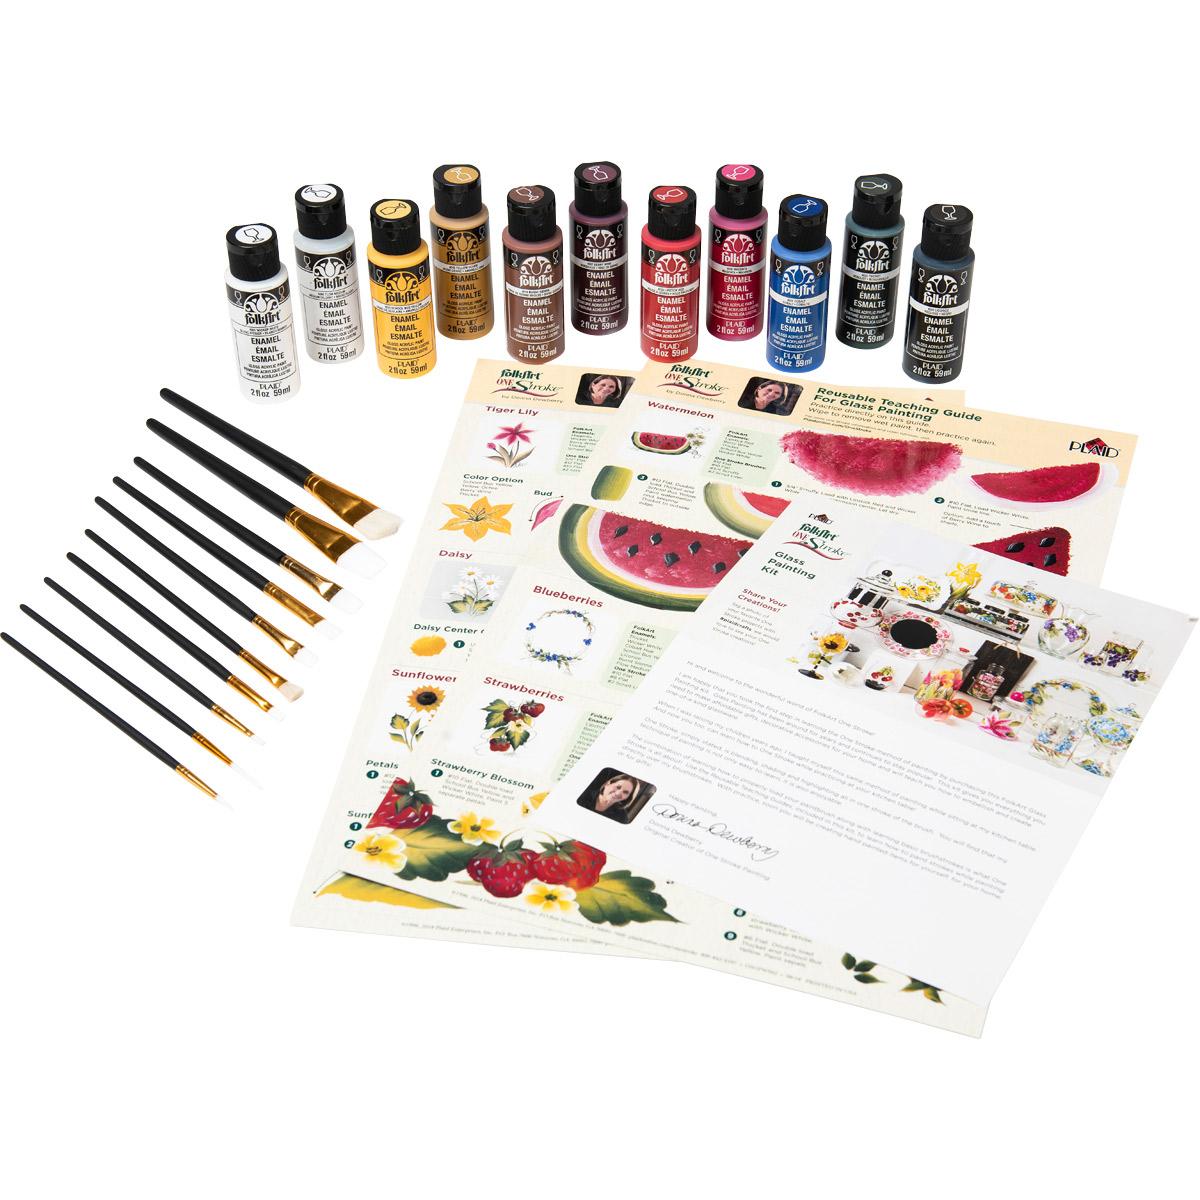 FolkArt ® One Stroke™ Enamels™ Glass Painting Kit